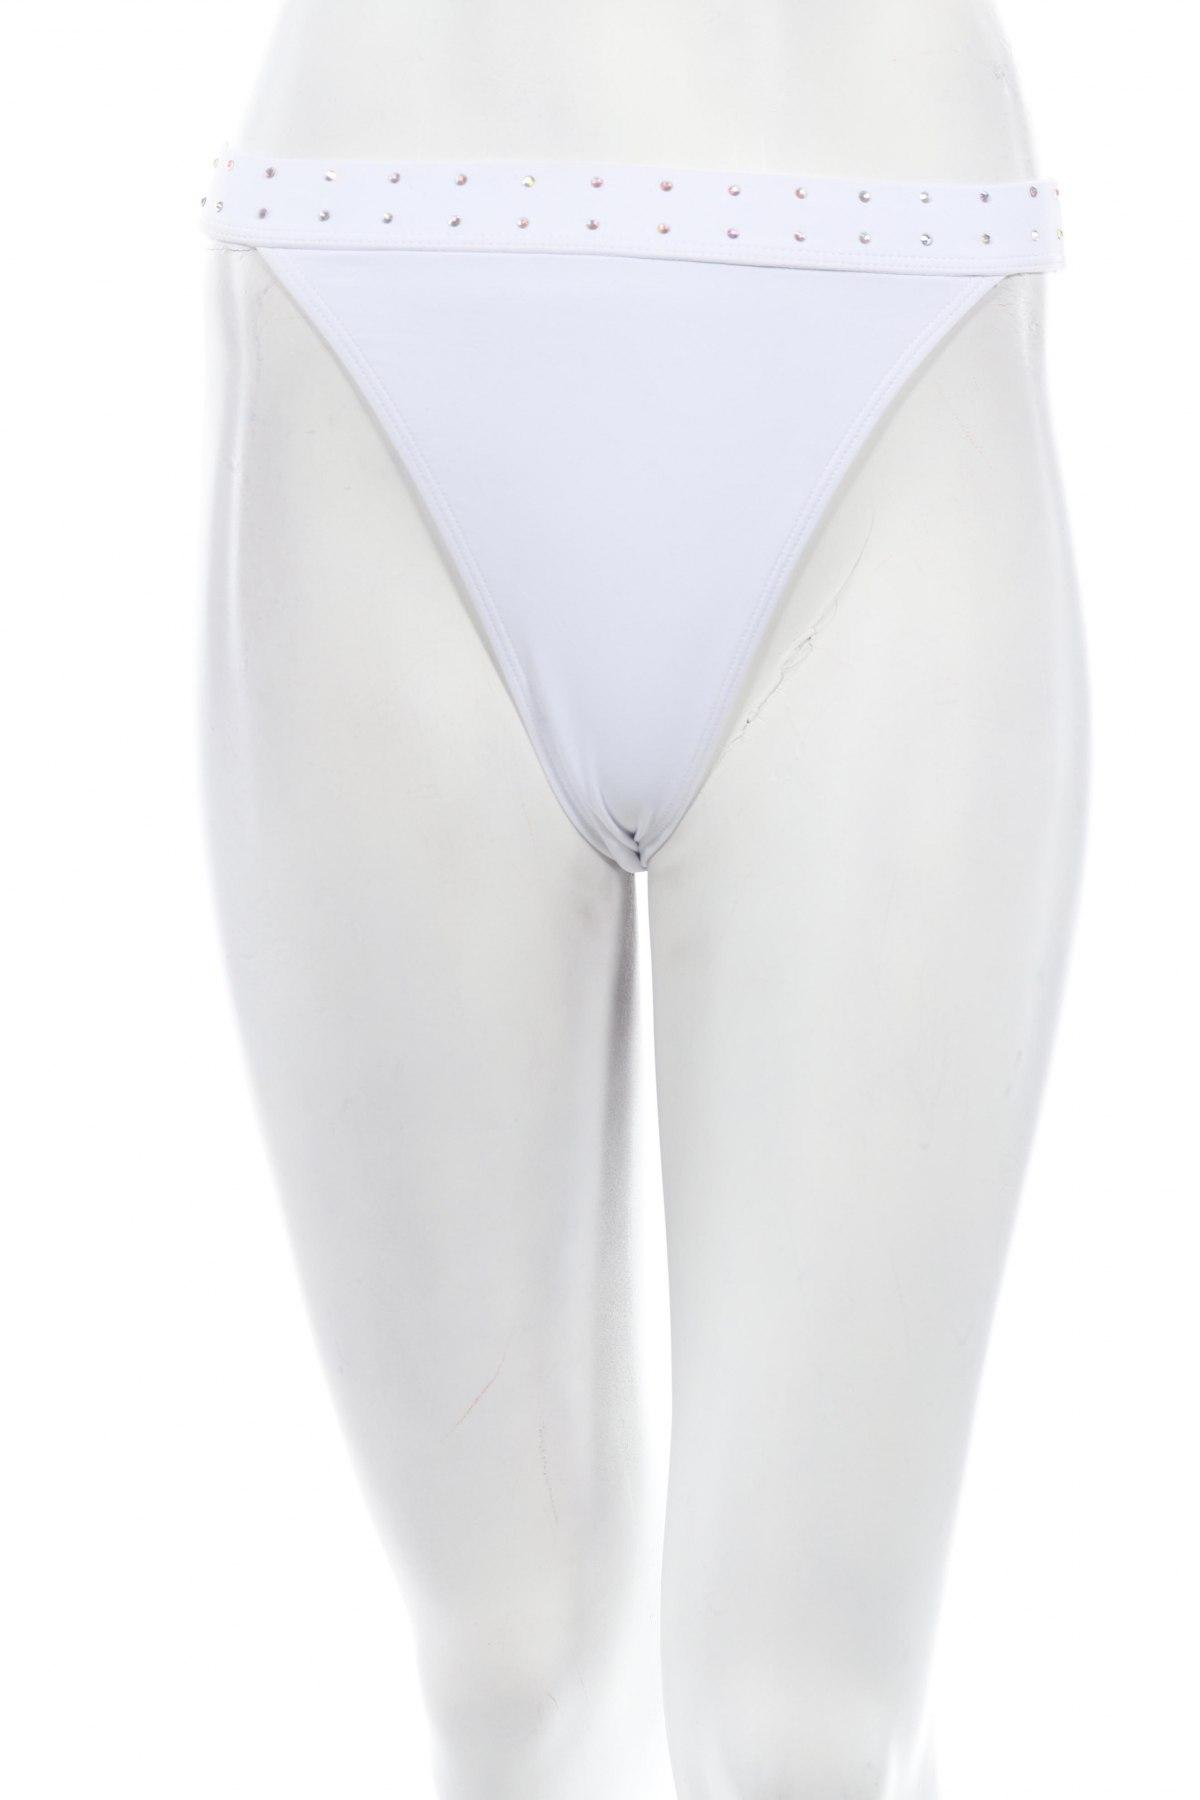 Дамски бански Missguided, Размер S, Цвят Бял, 82% полиамид, 18% еластан, Цена 7,25лв.